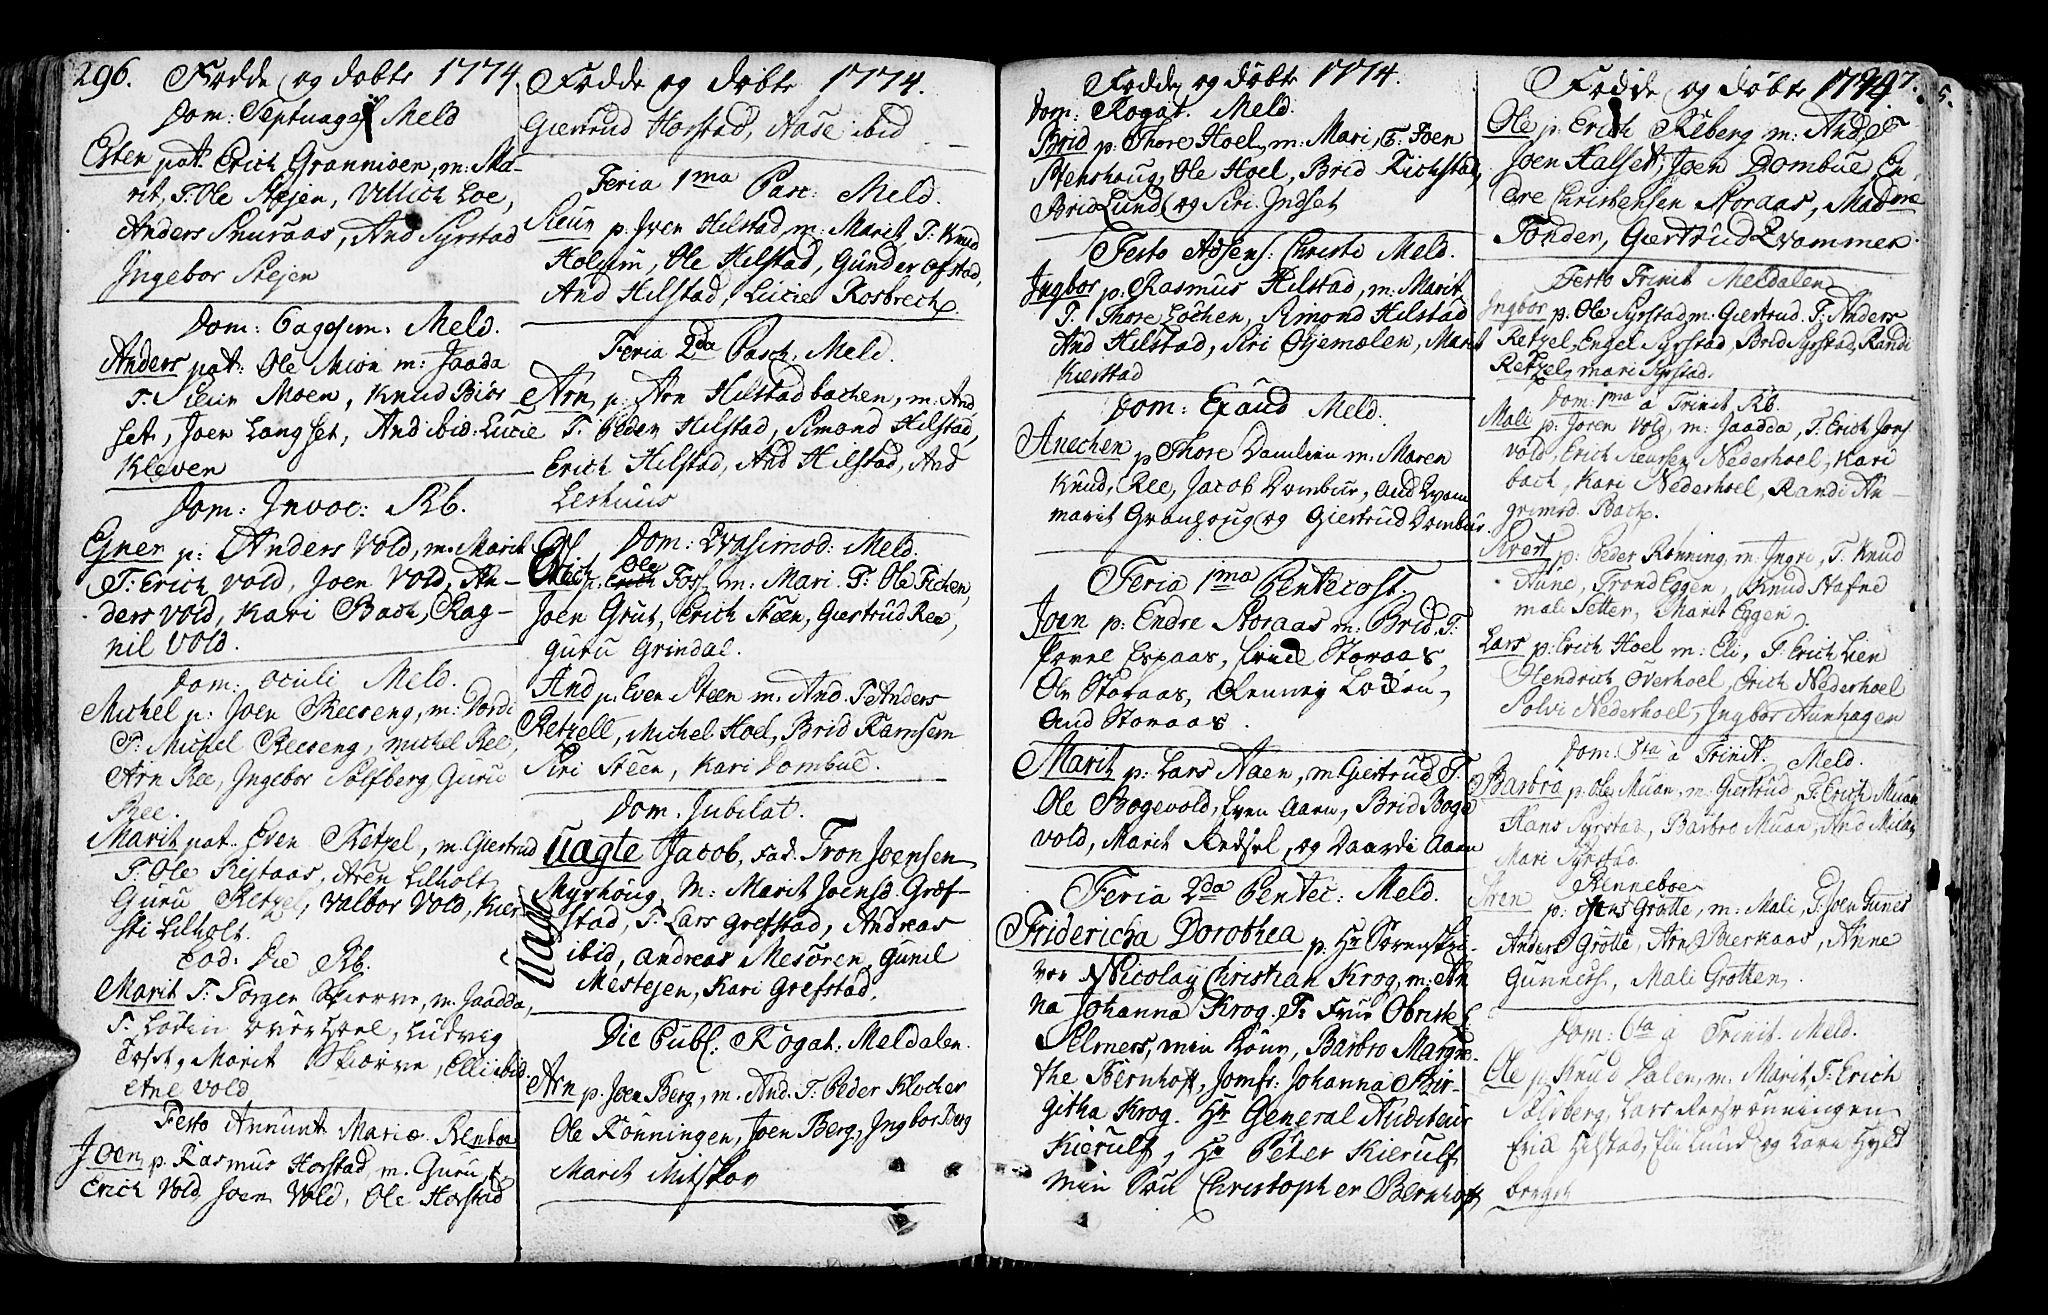 SAT, Ministerialprotokoller, klokkerbøker og fødselsregistre - Sør-Trøndelag, 672/L0851: Ministerialbok nr. 672A04, 1751-1775, s. 296-297